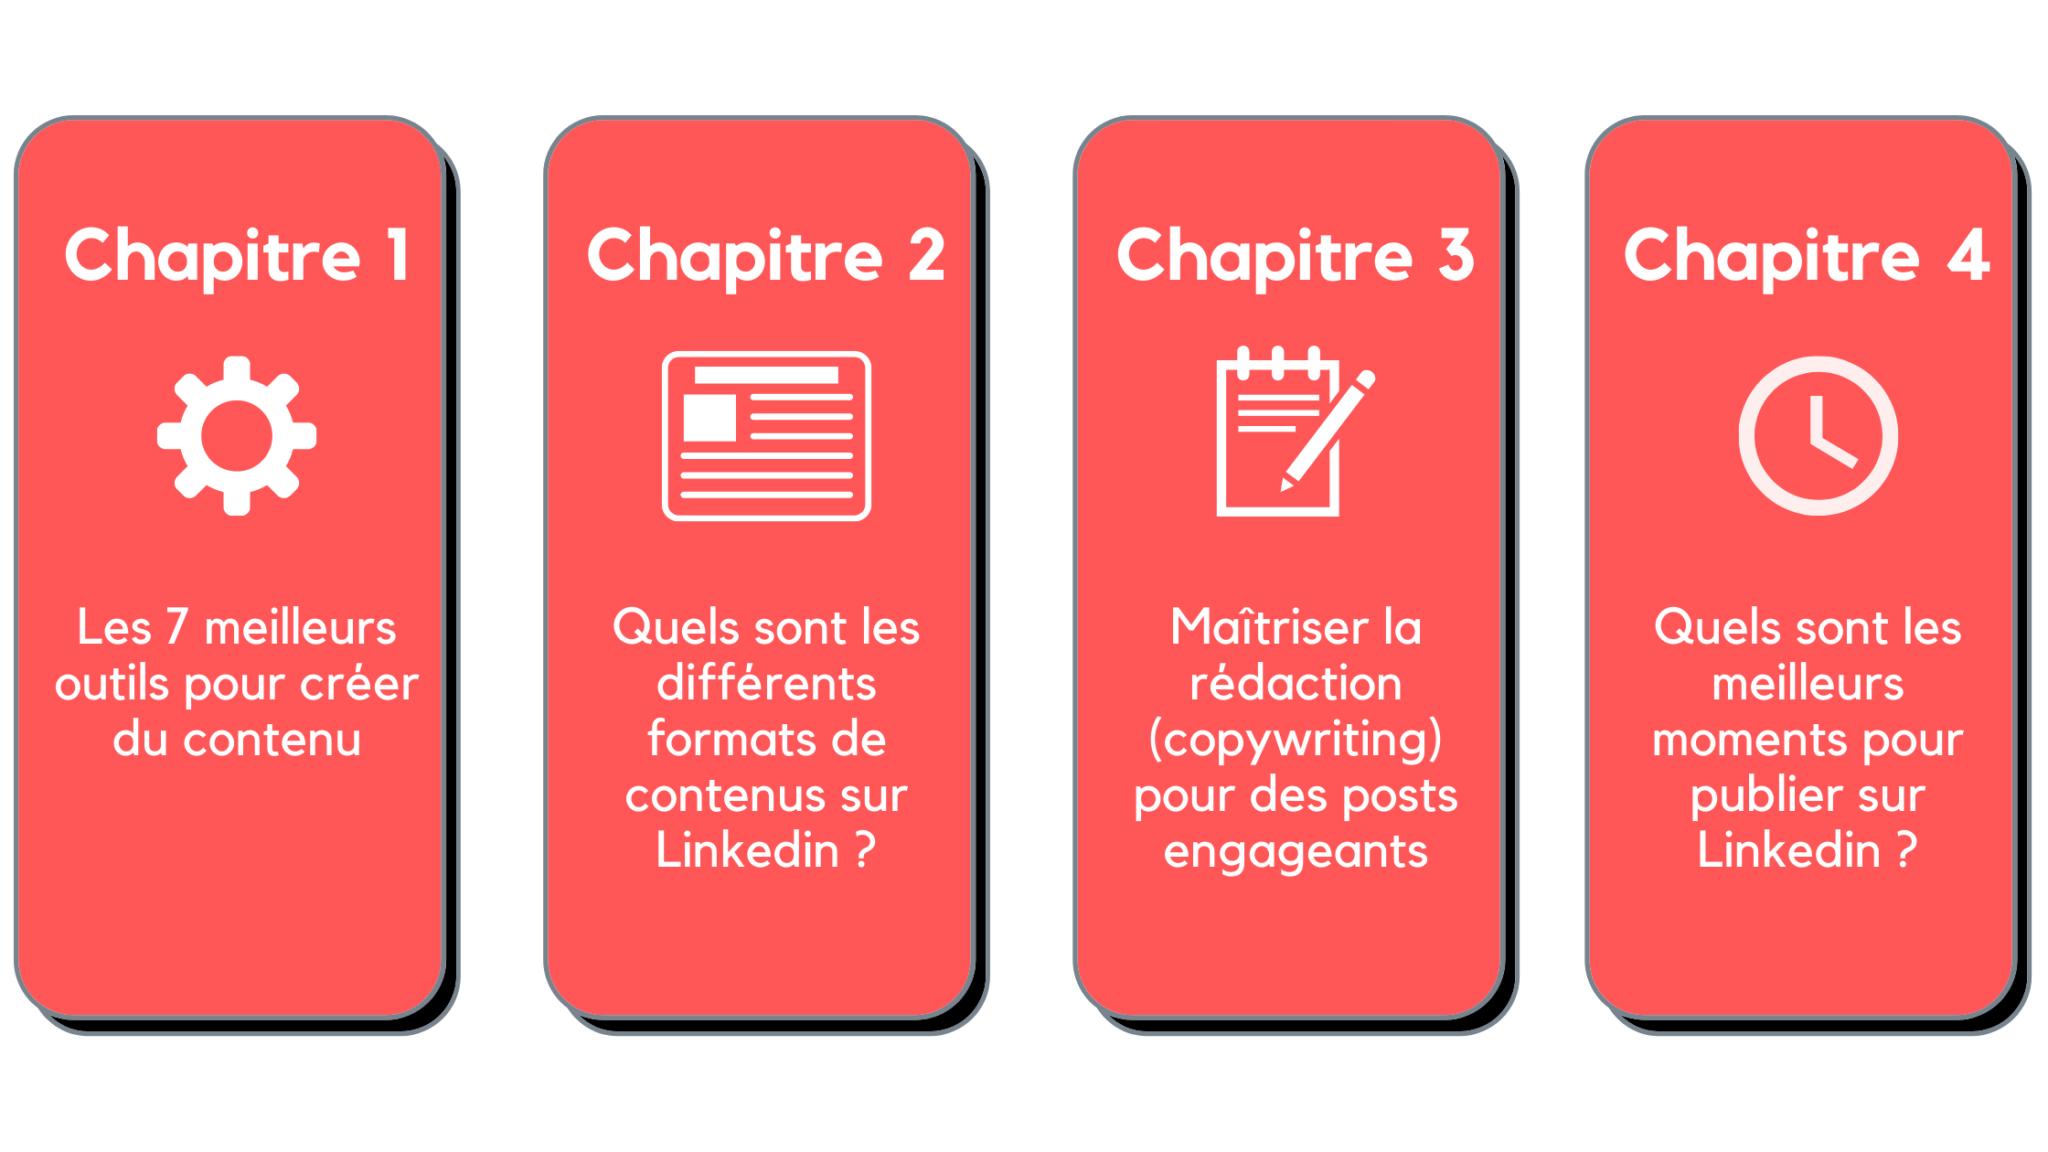 Comment créer du contenu sur Linkedin   Guide 1